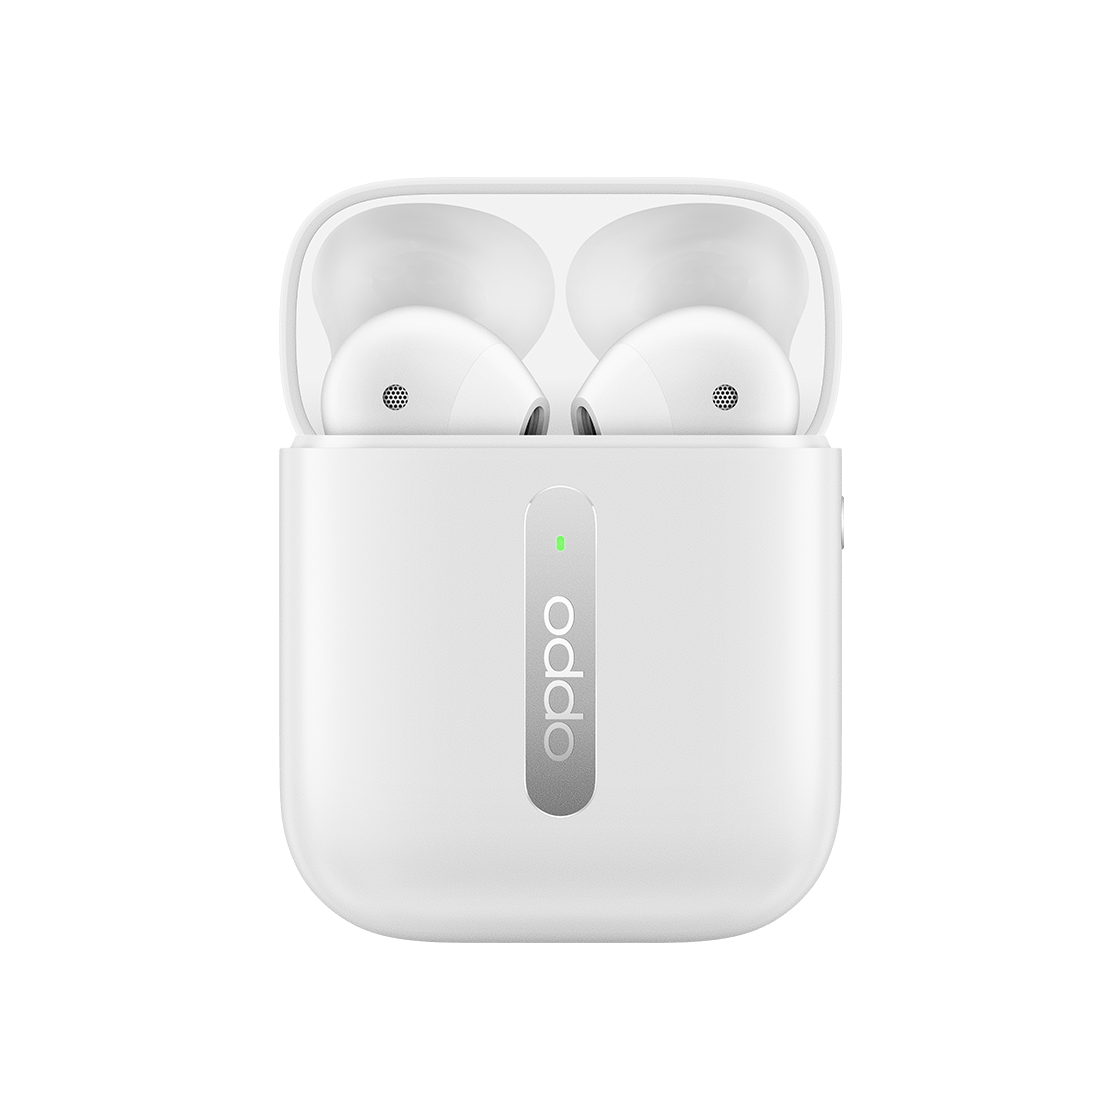 首款使用超动态扬声器的真无线耳机OPPO Enco Free发布